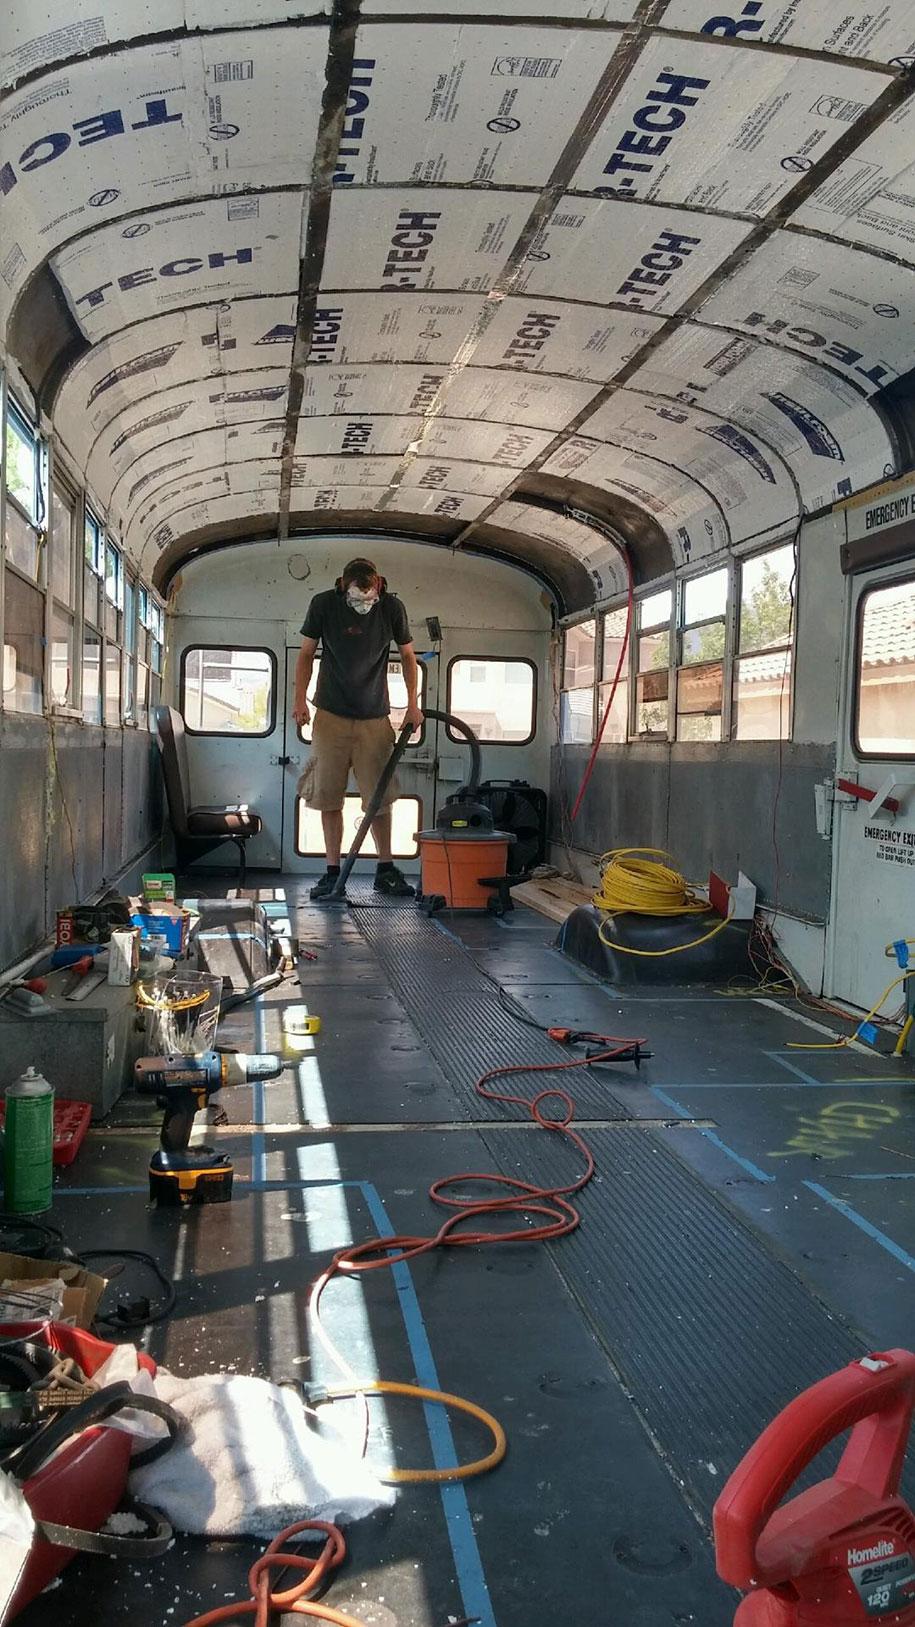 viejo autobús escolar convertido en casa - aislante para el frío